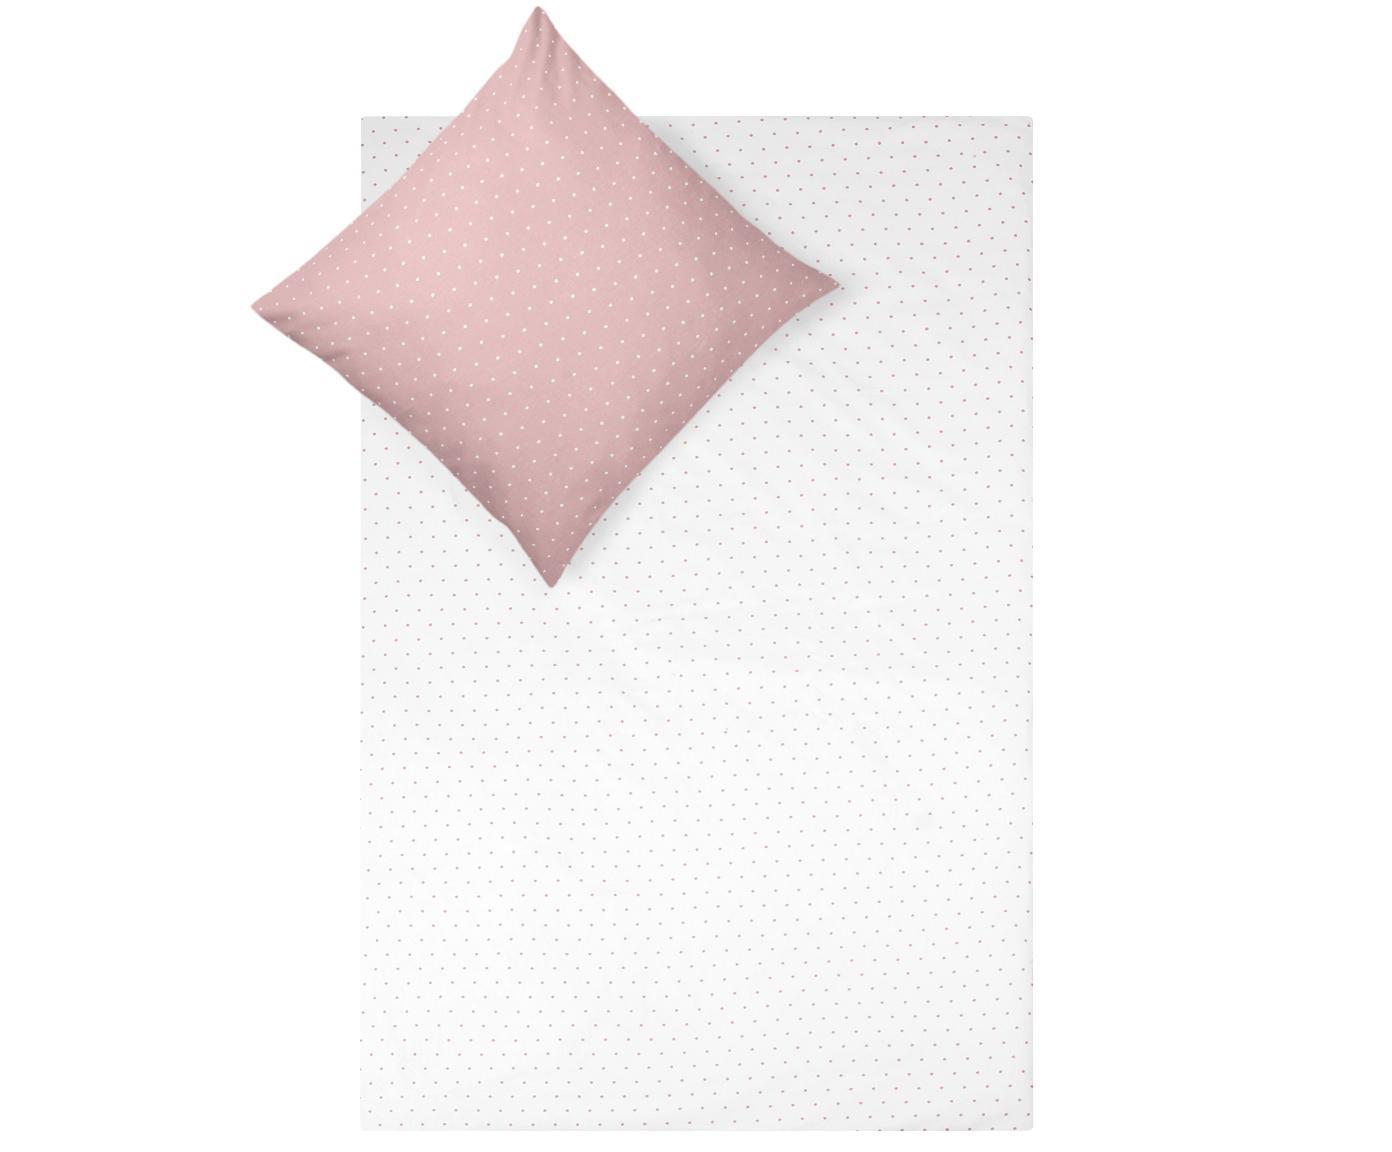 Flanell-Wendebettwäsche Betty, gepunktet, Webart: Flanell Flanell ist ein s, Altrosa, Weiss, 135 x 200 cm + 1 Kissen 80 x 80 cm